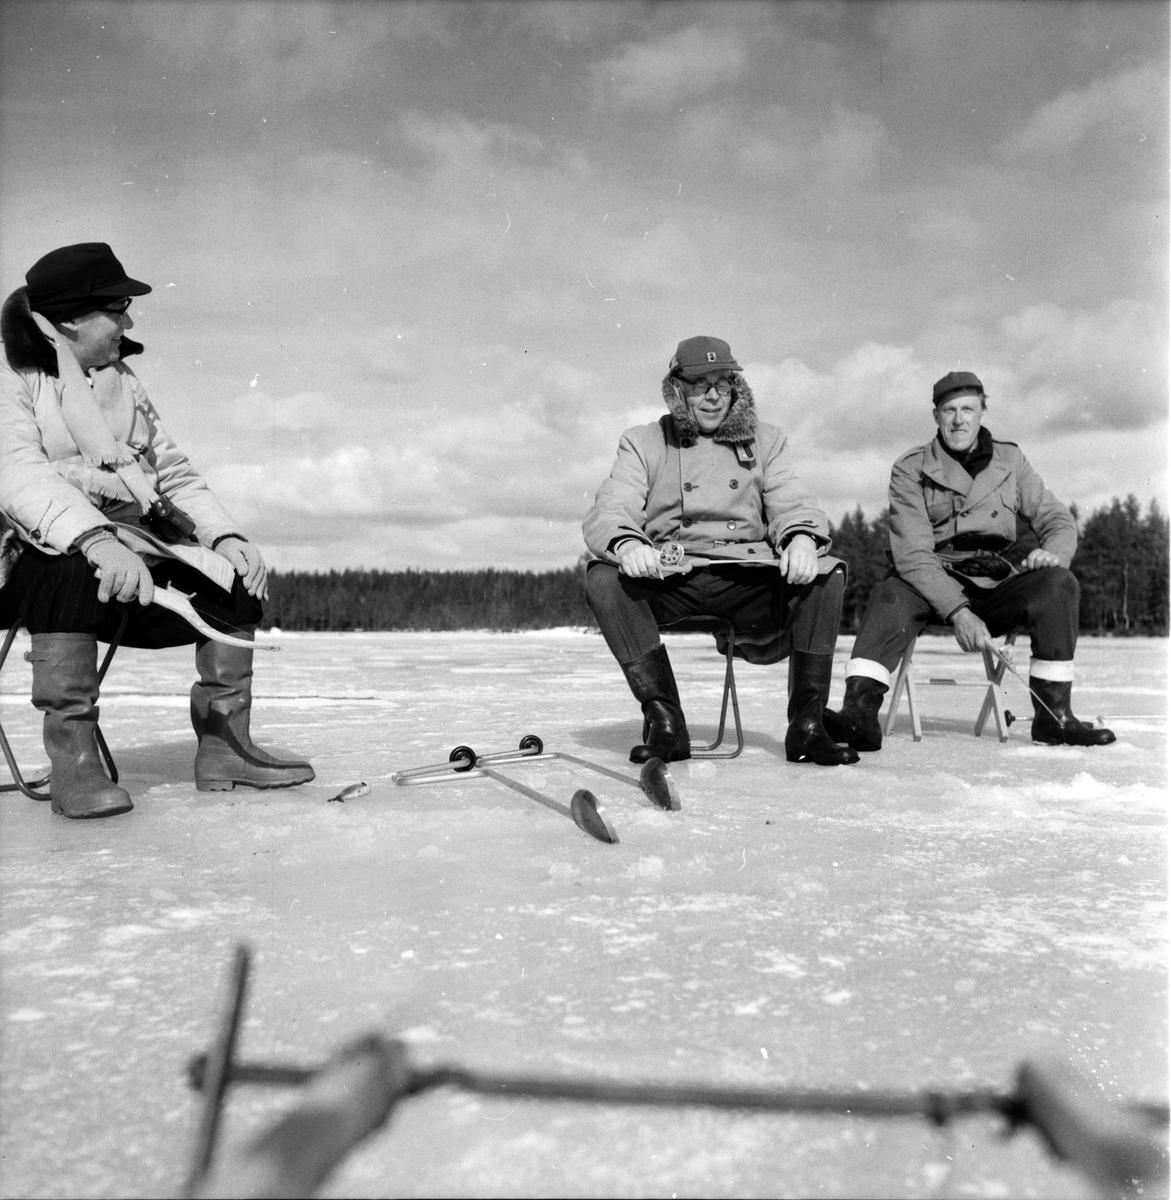 Hälsen, Fiske på is, S.Weit, Johan Svärd, P.W. Häger, 28 Mars 1961